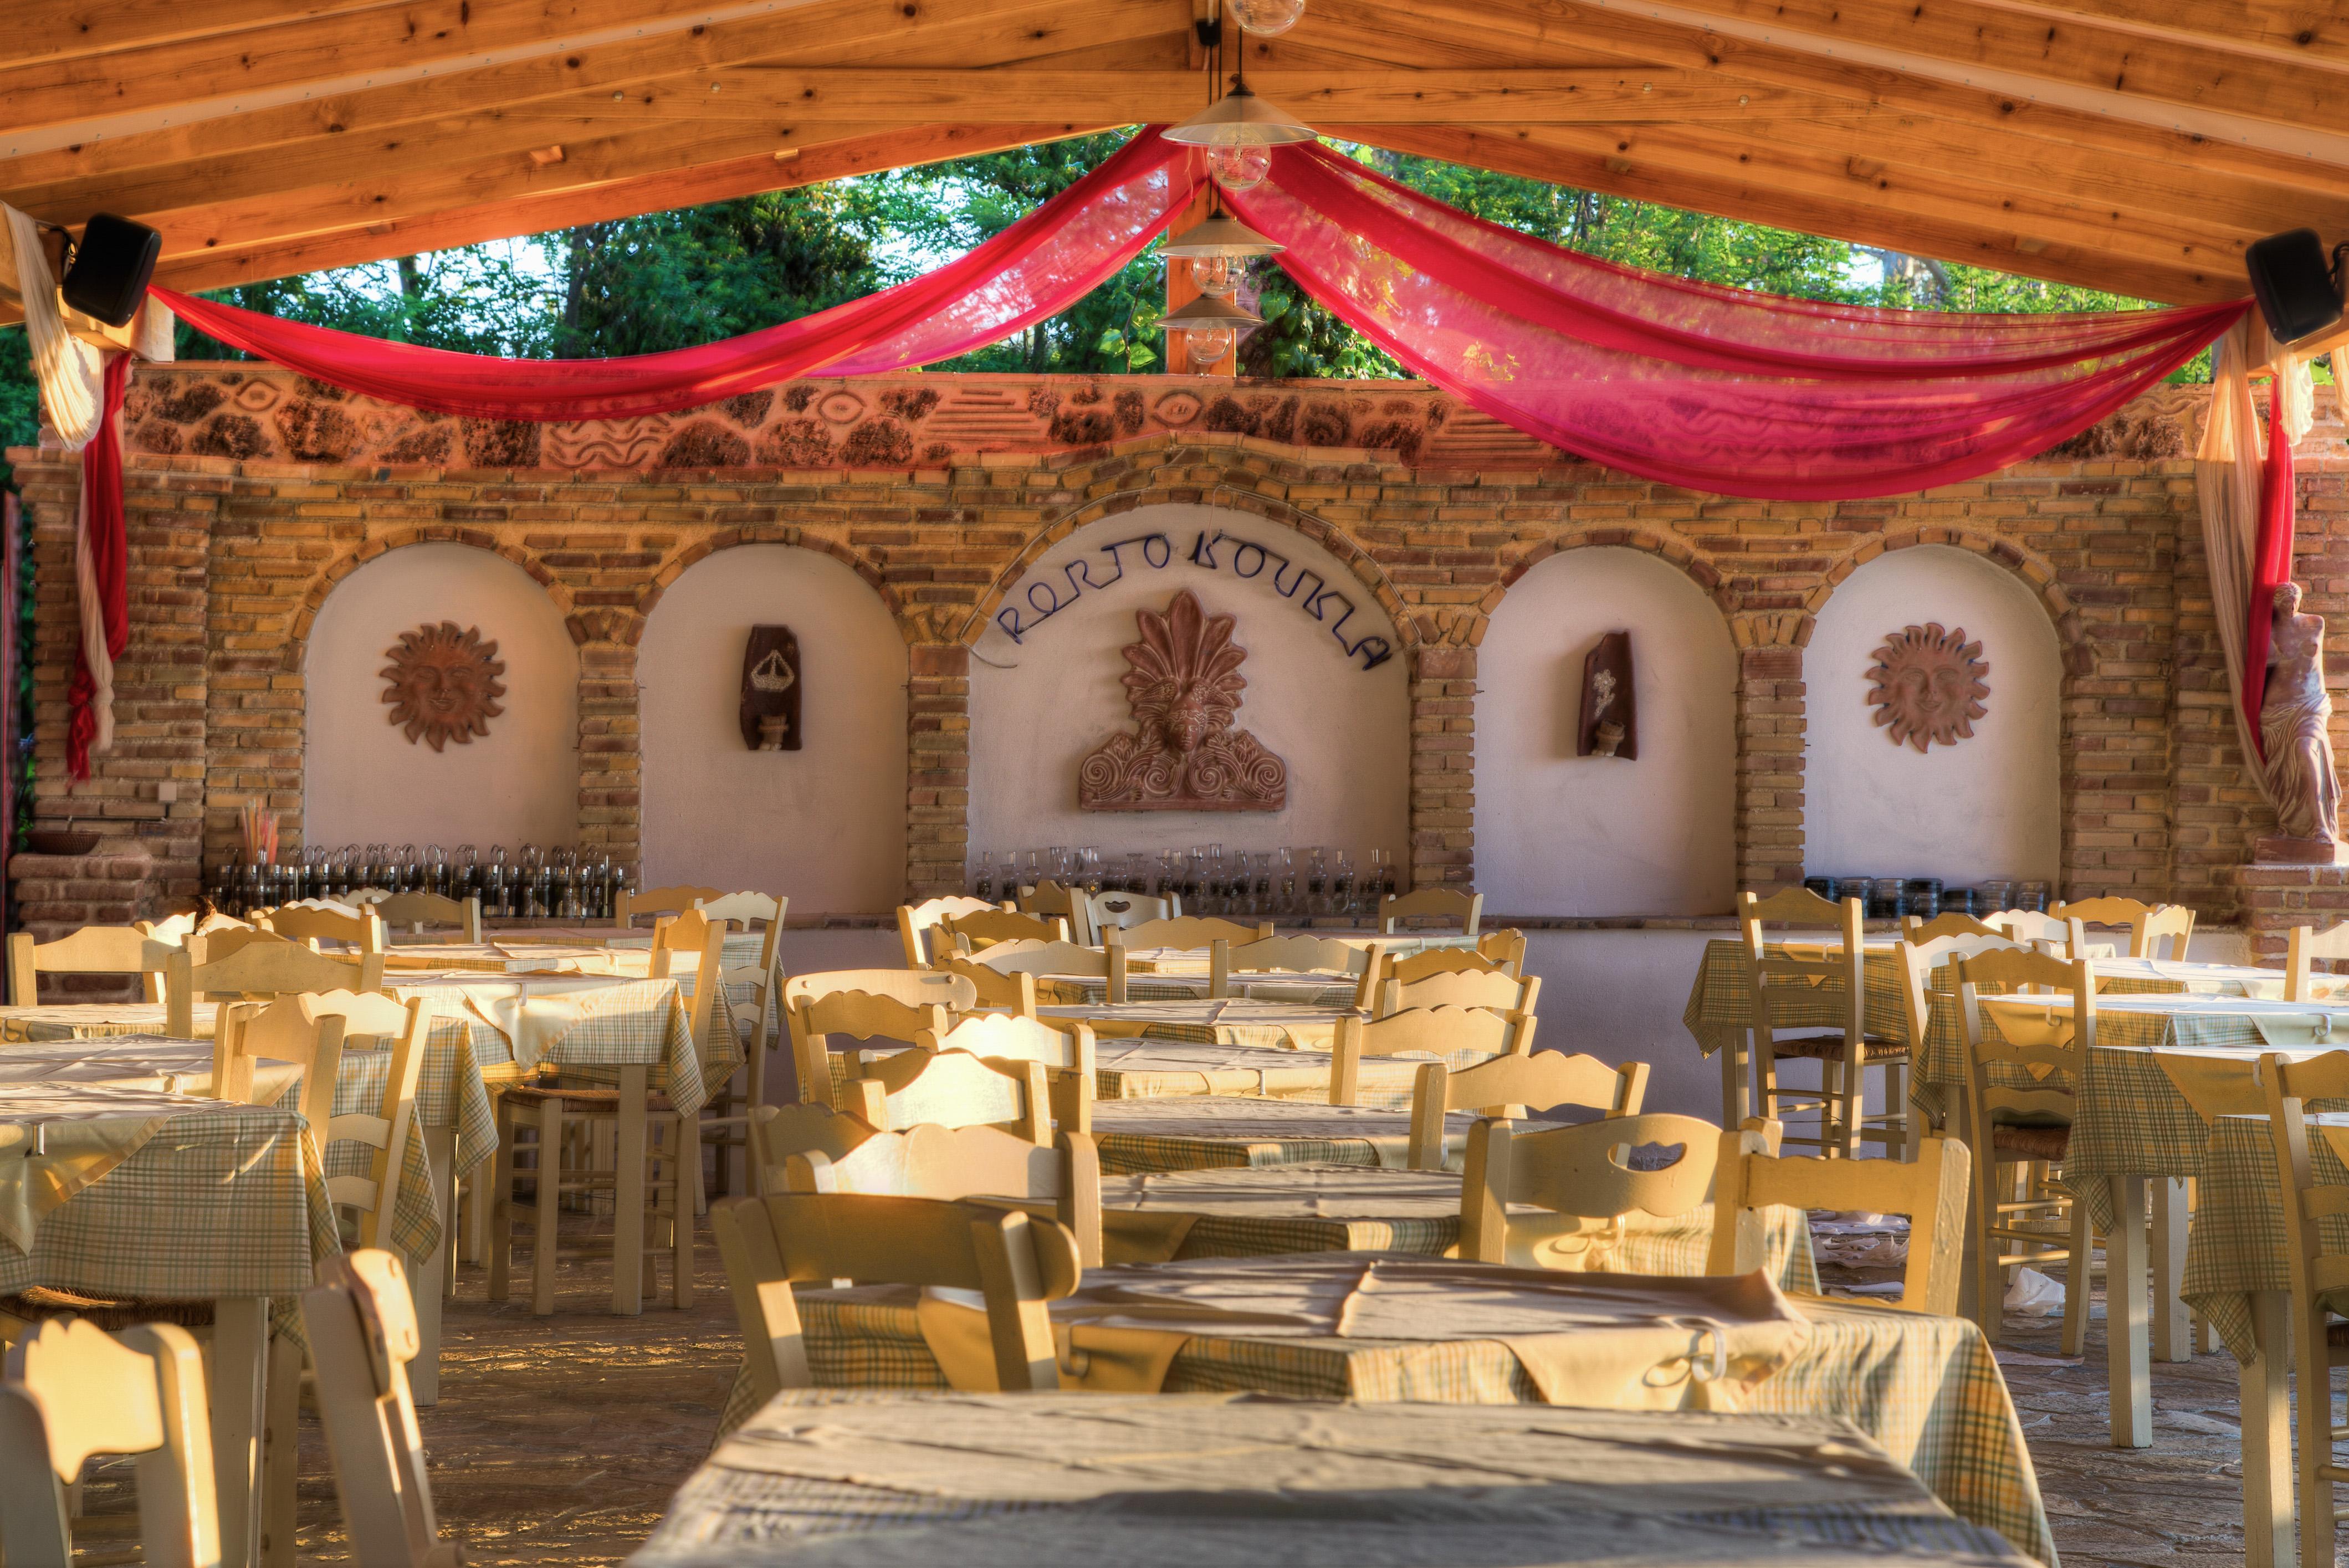 Porto Koukla Restaurant